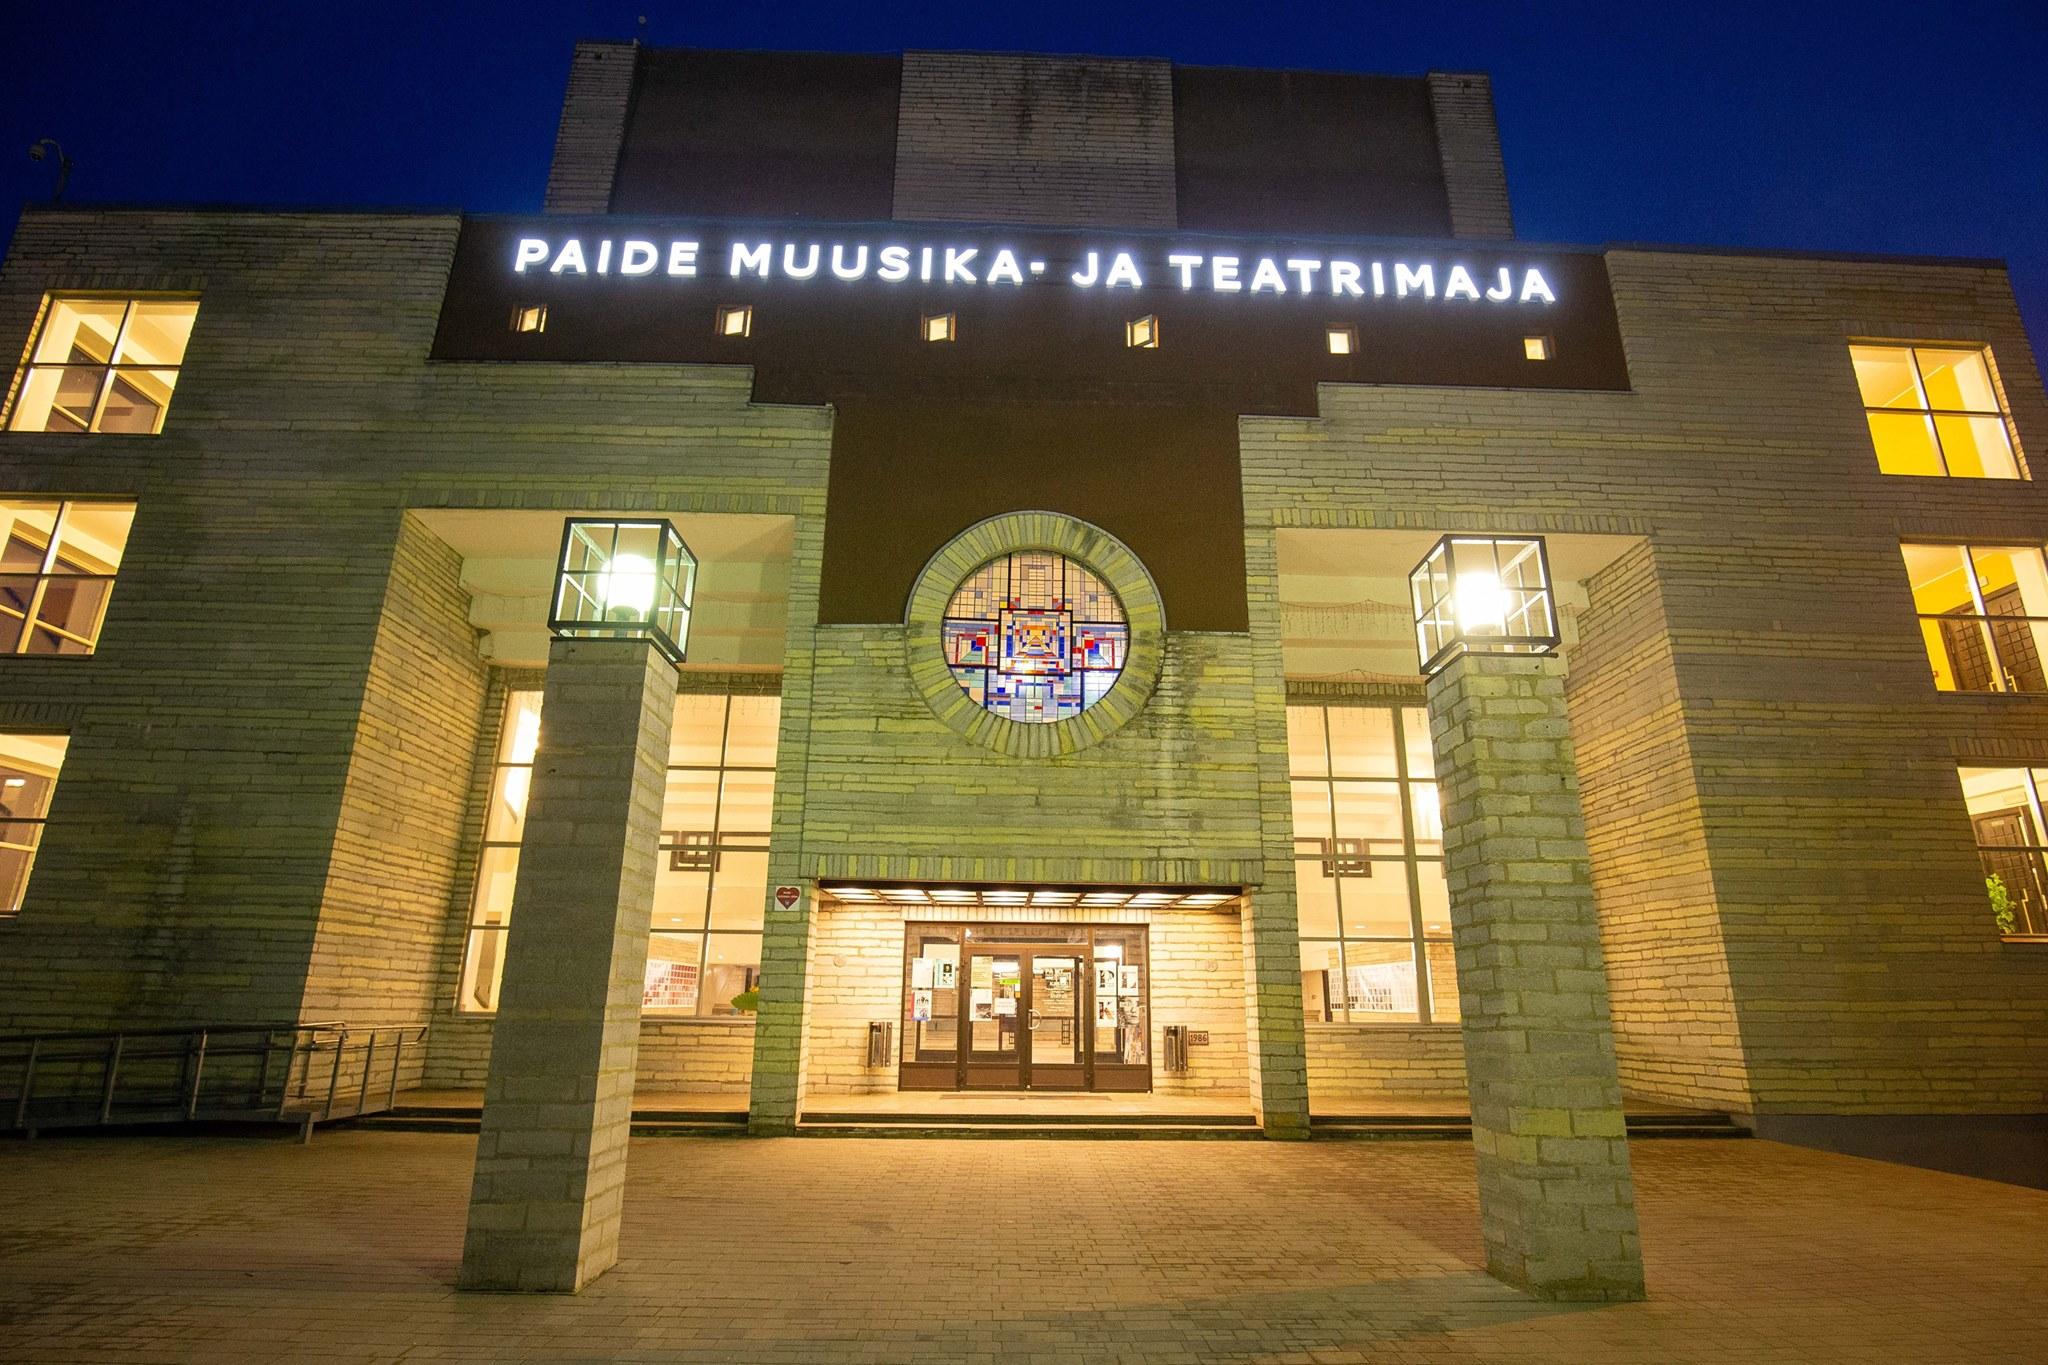 konverentsid Paide muusika- ja teatrimajas